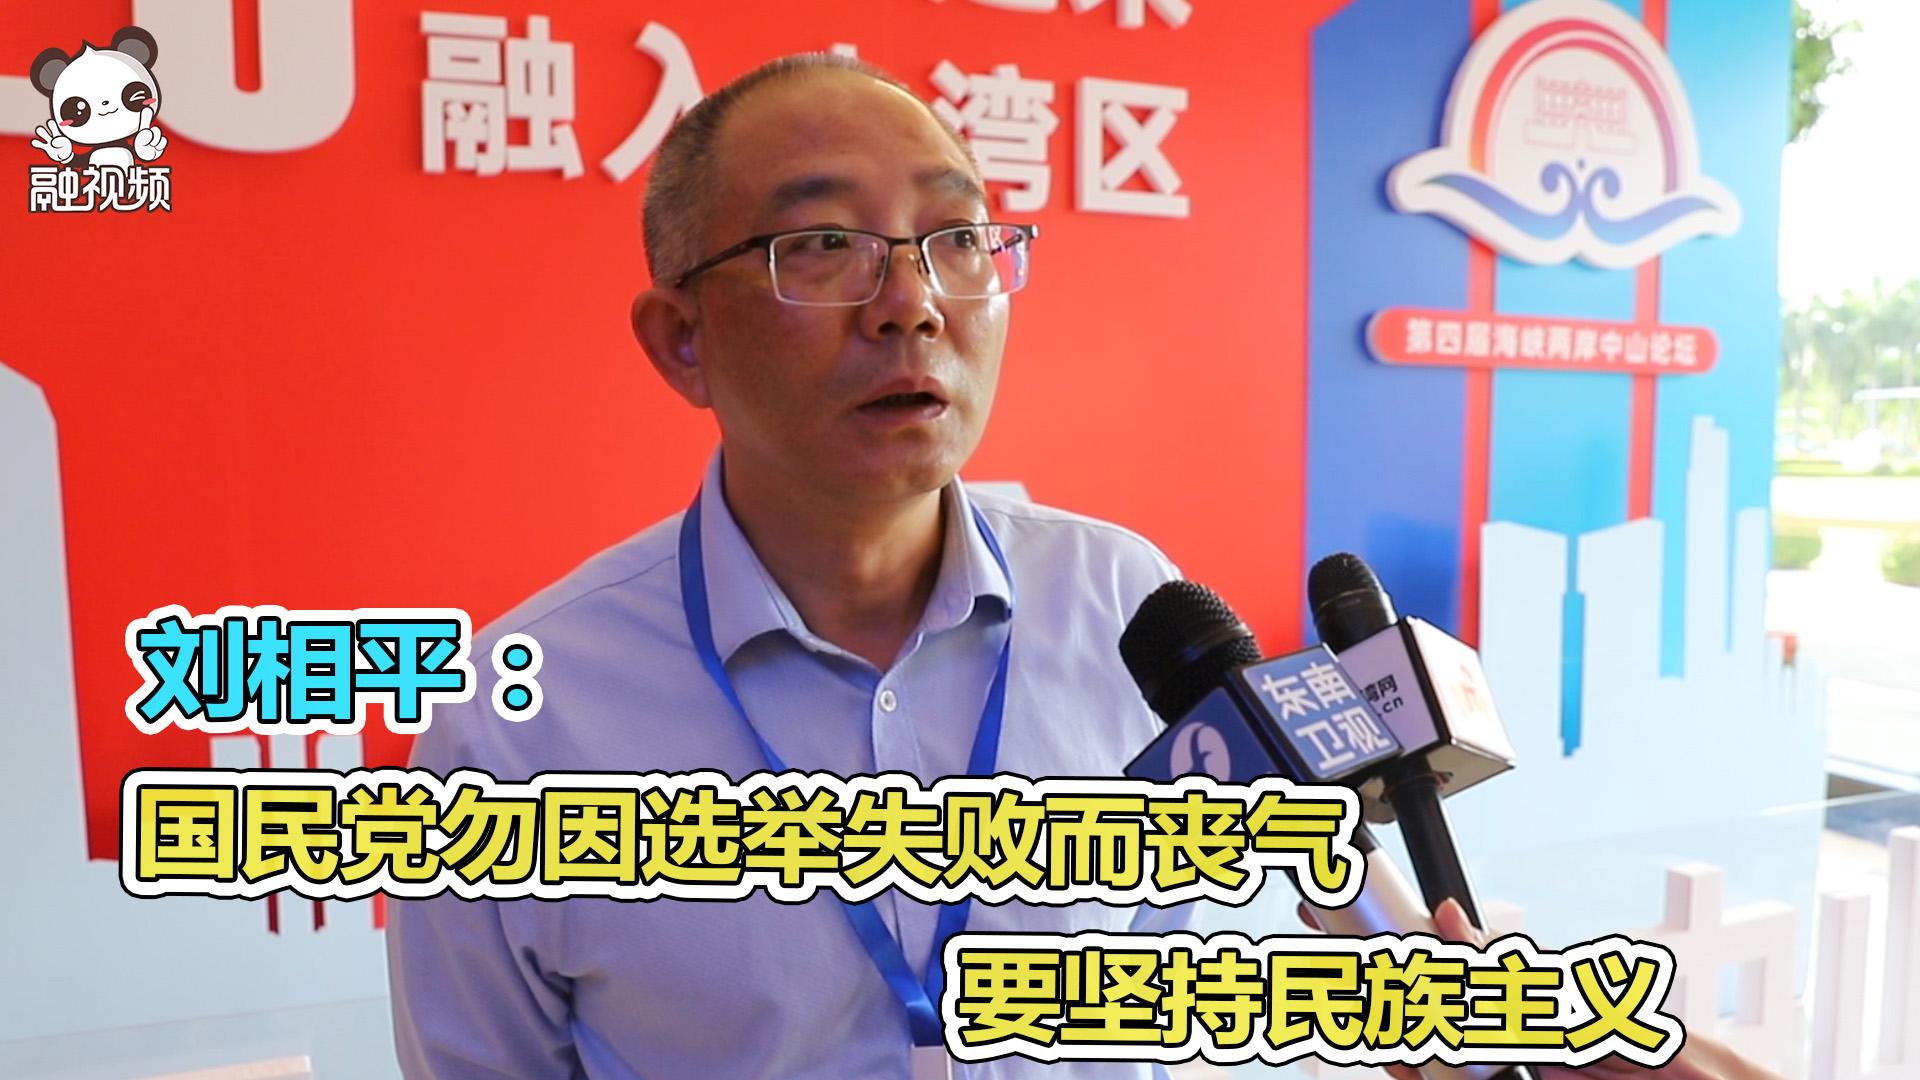 刘相平:国民党勿因选举失败而丧气 要坚持民族主义图片